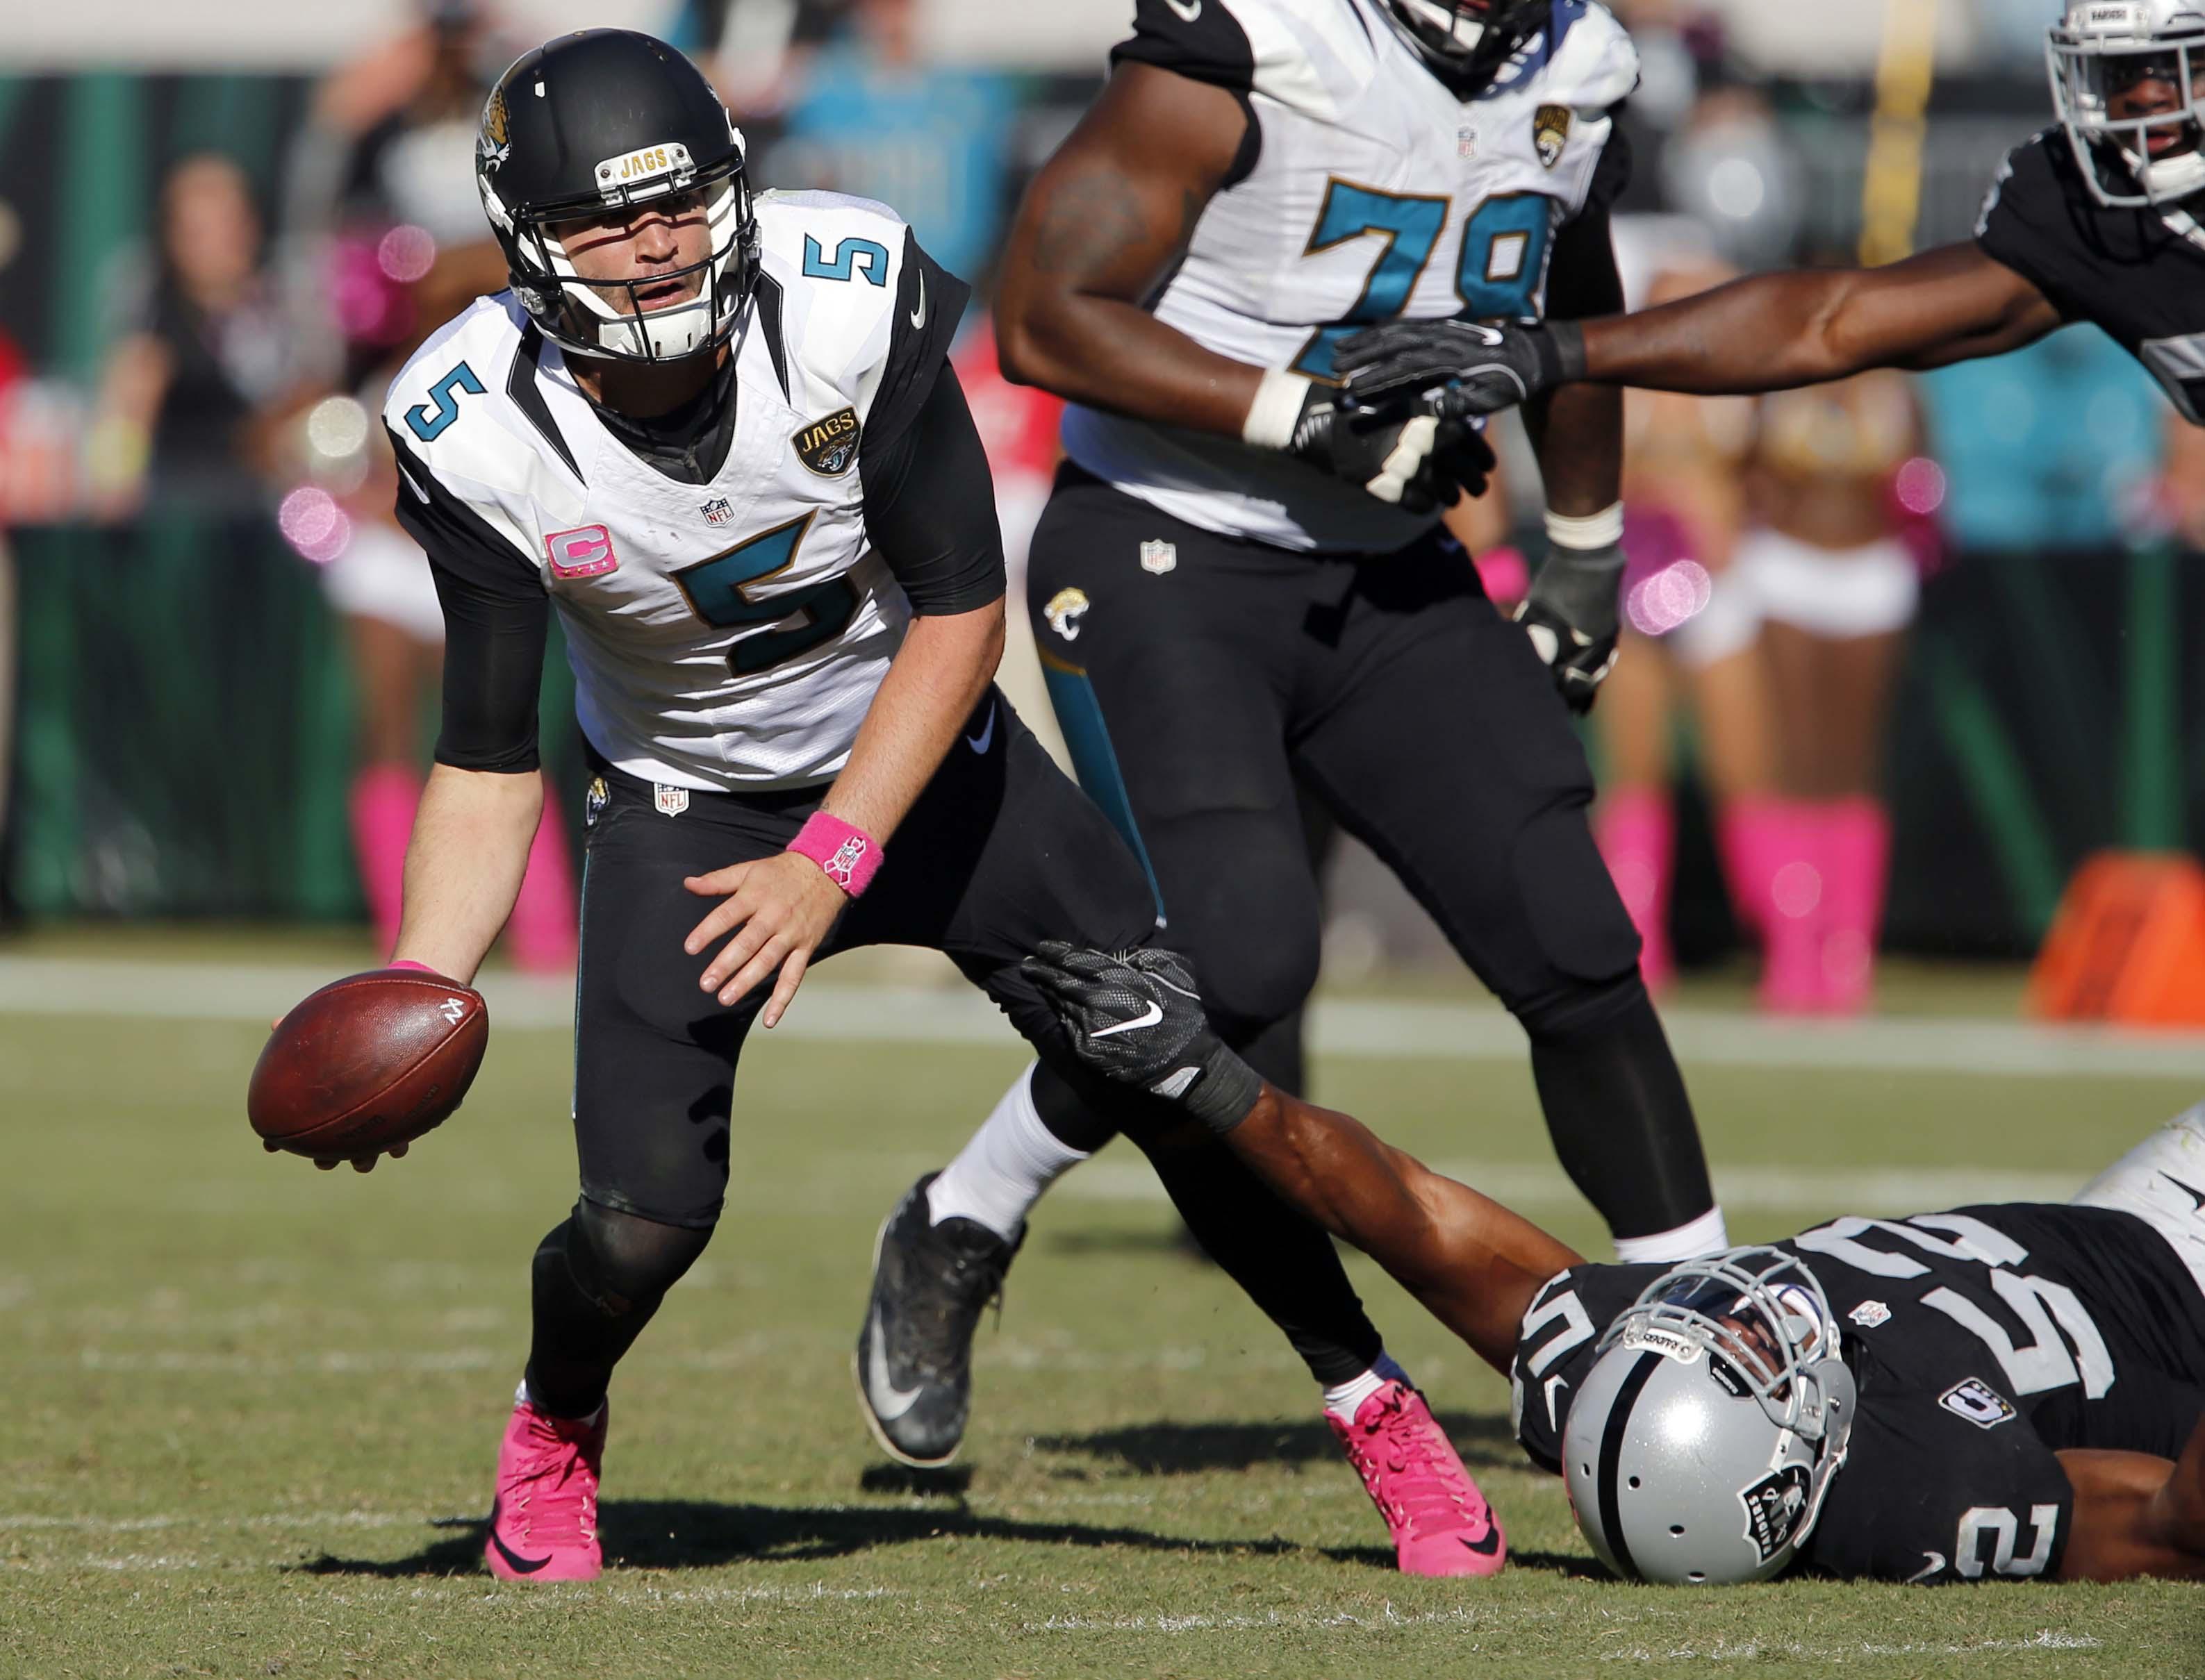 NFL: Oakland Raiders at Jacksonville Jaguars